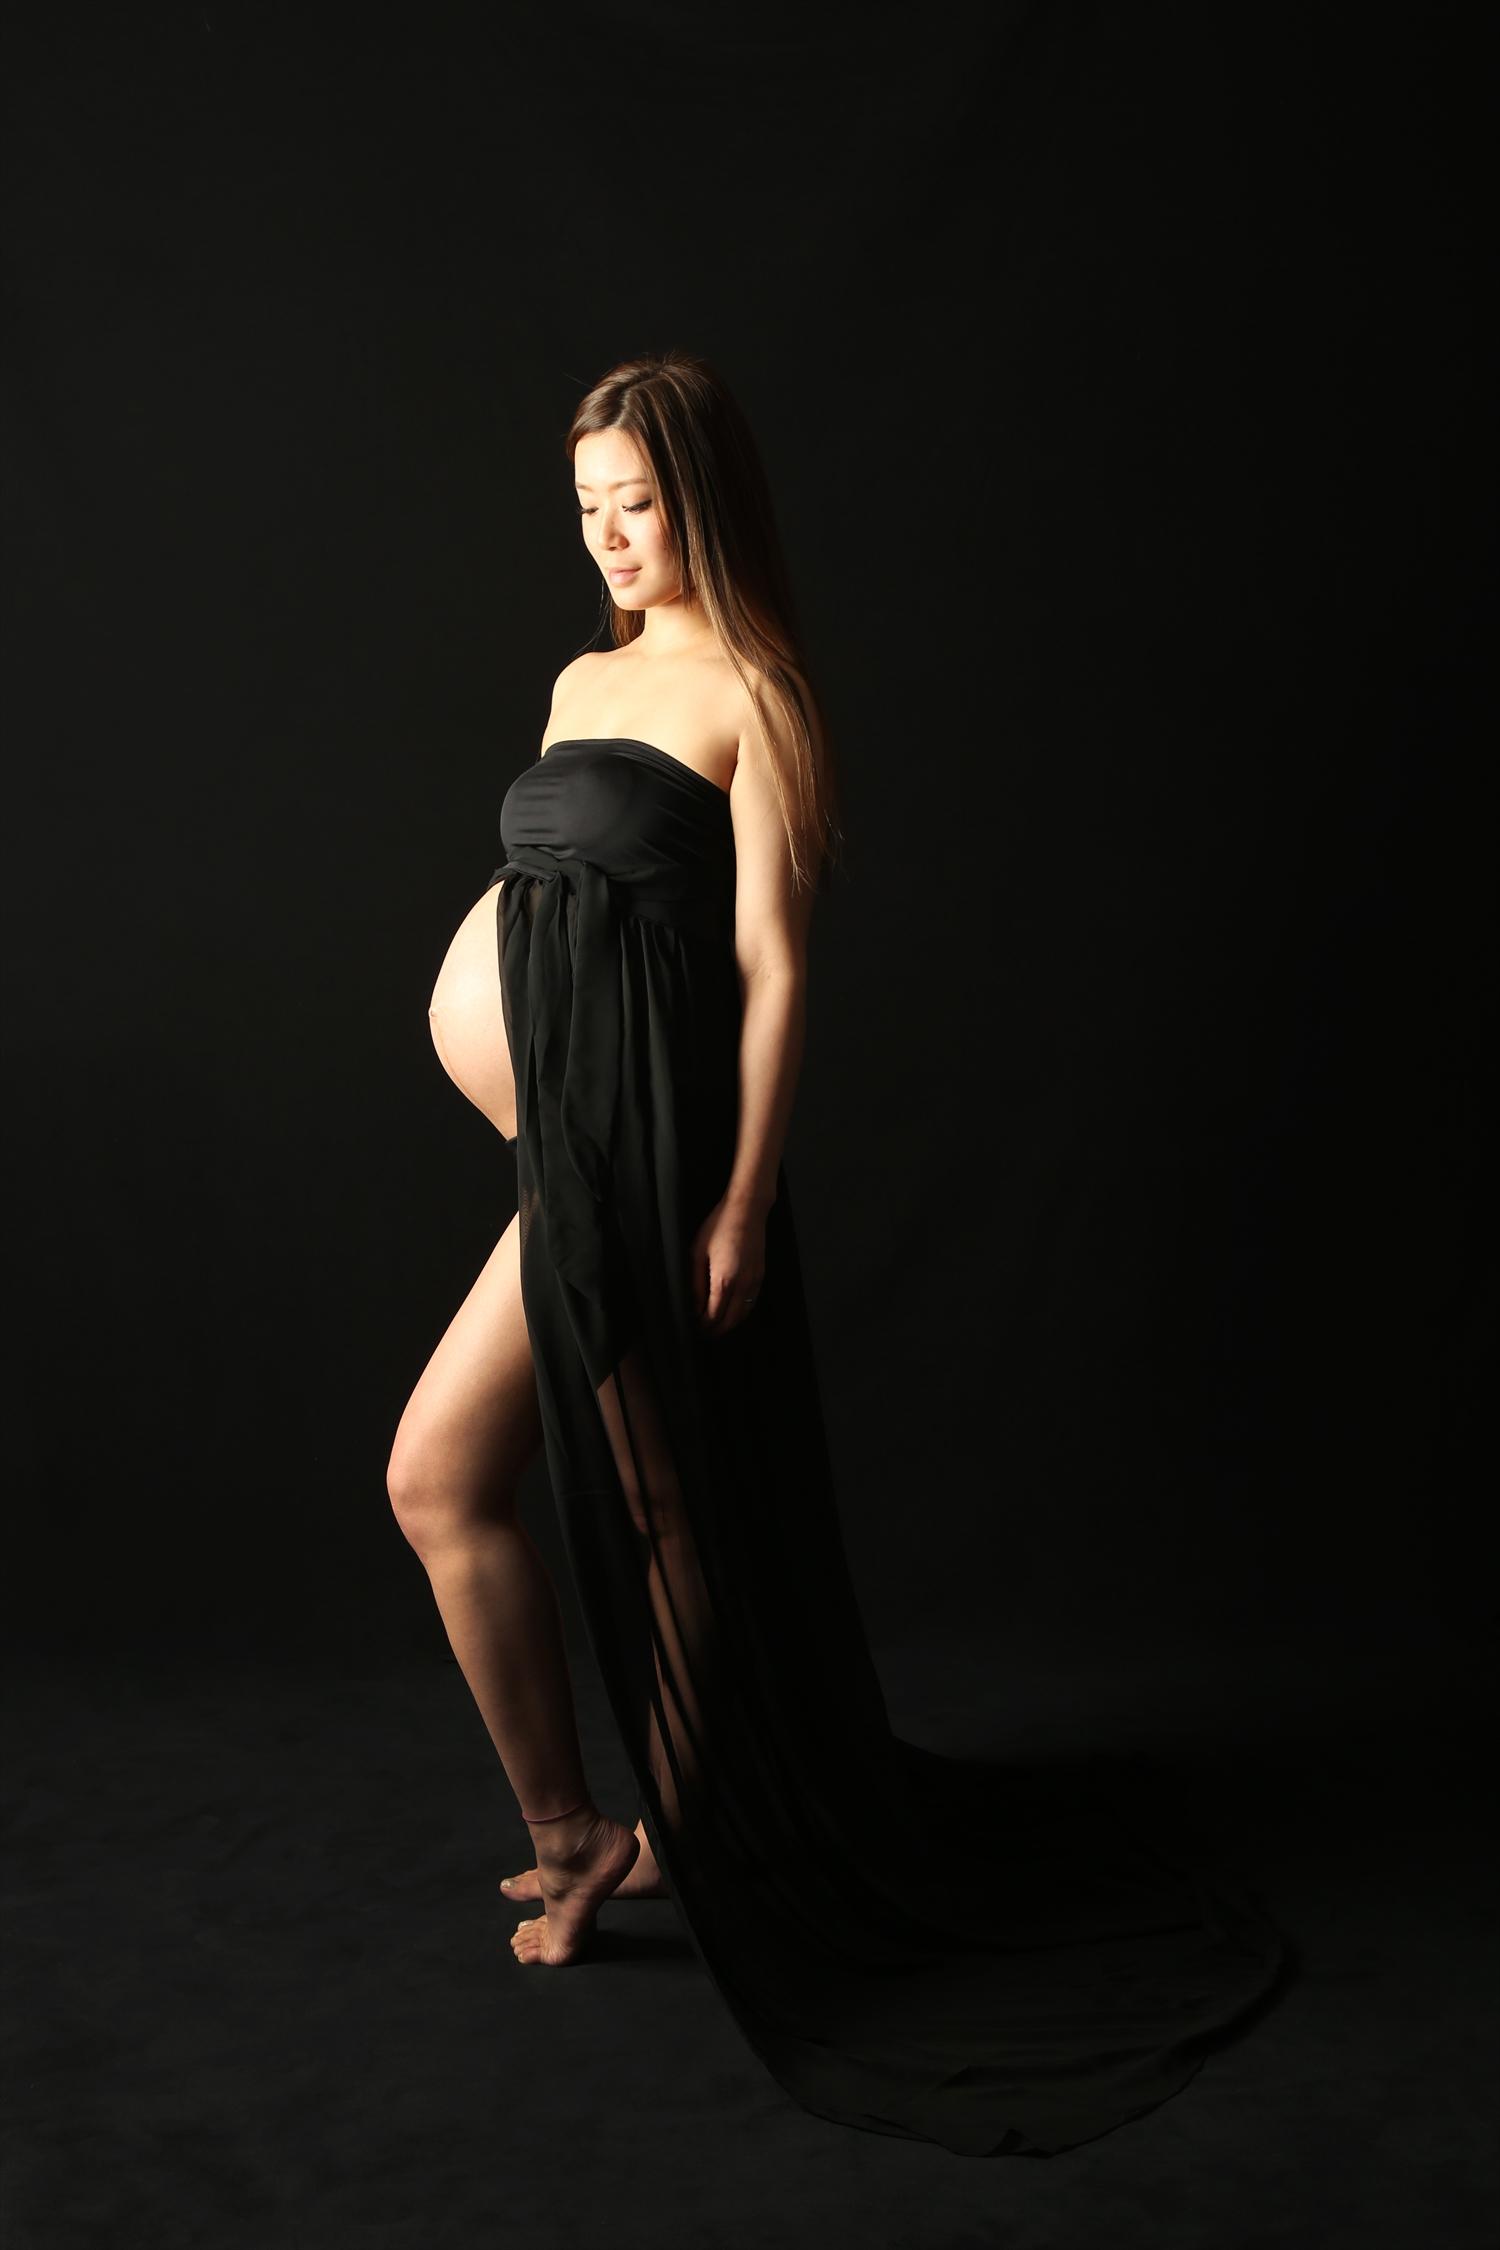 #301 マタニティフォト 黒いドレス 貸出衣装 カラー写真